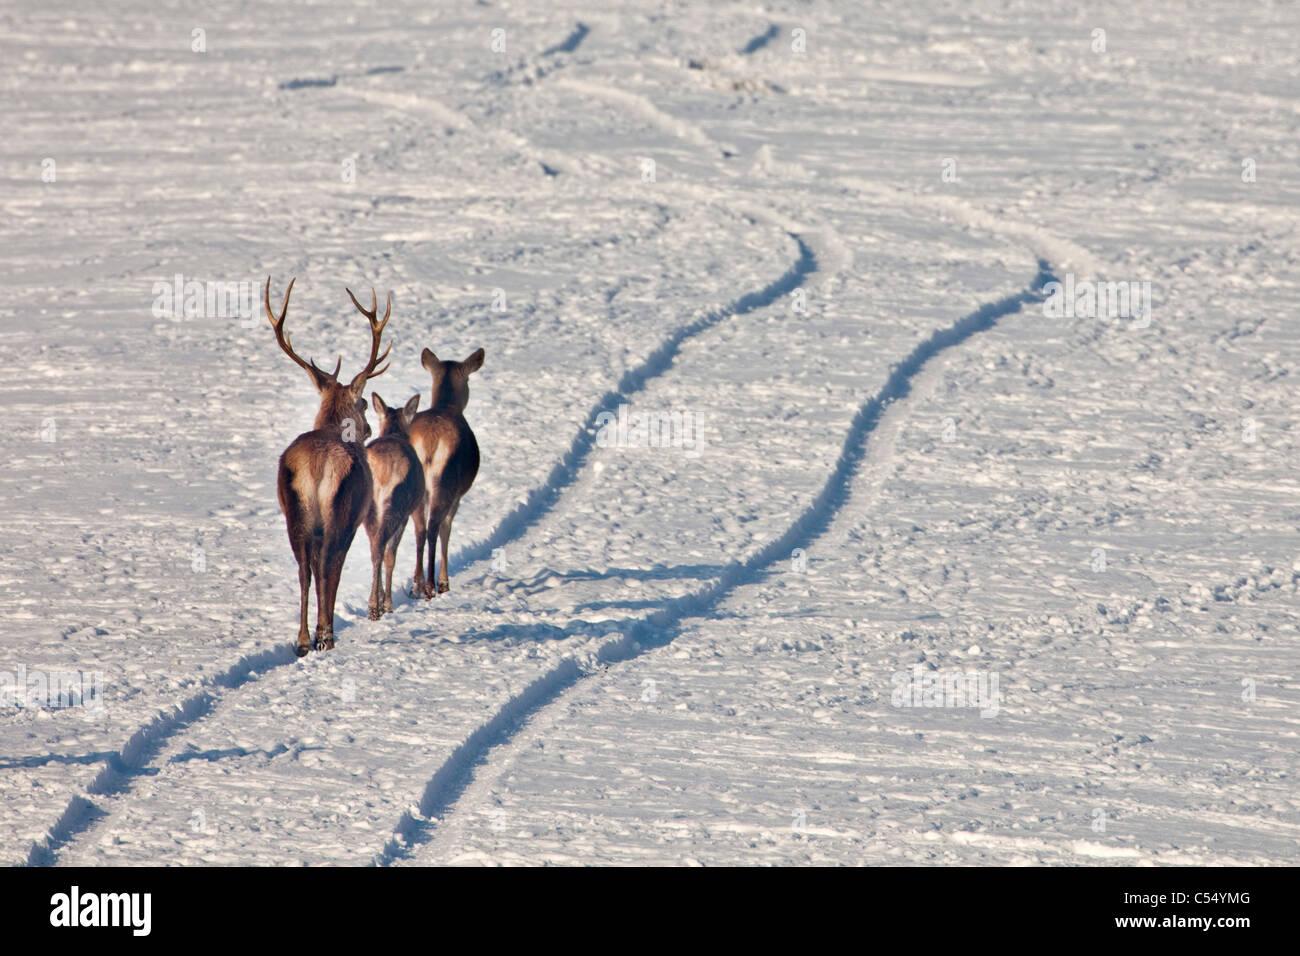 The Netherlands, Lelystad. National Park called: Oostvaardersplassen. Red Deer in snow. Walking in car tracks. - Stock Image